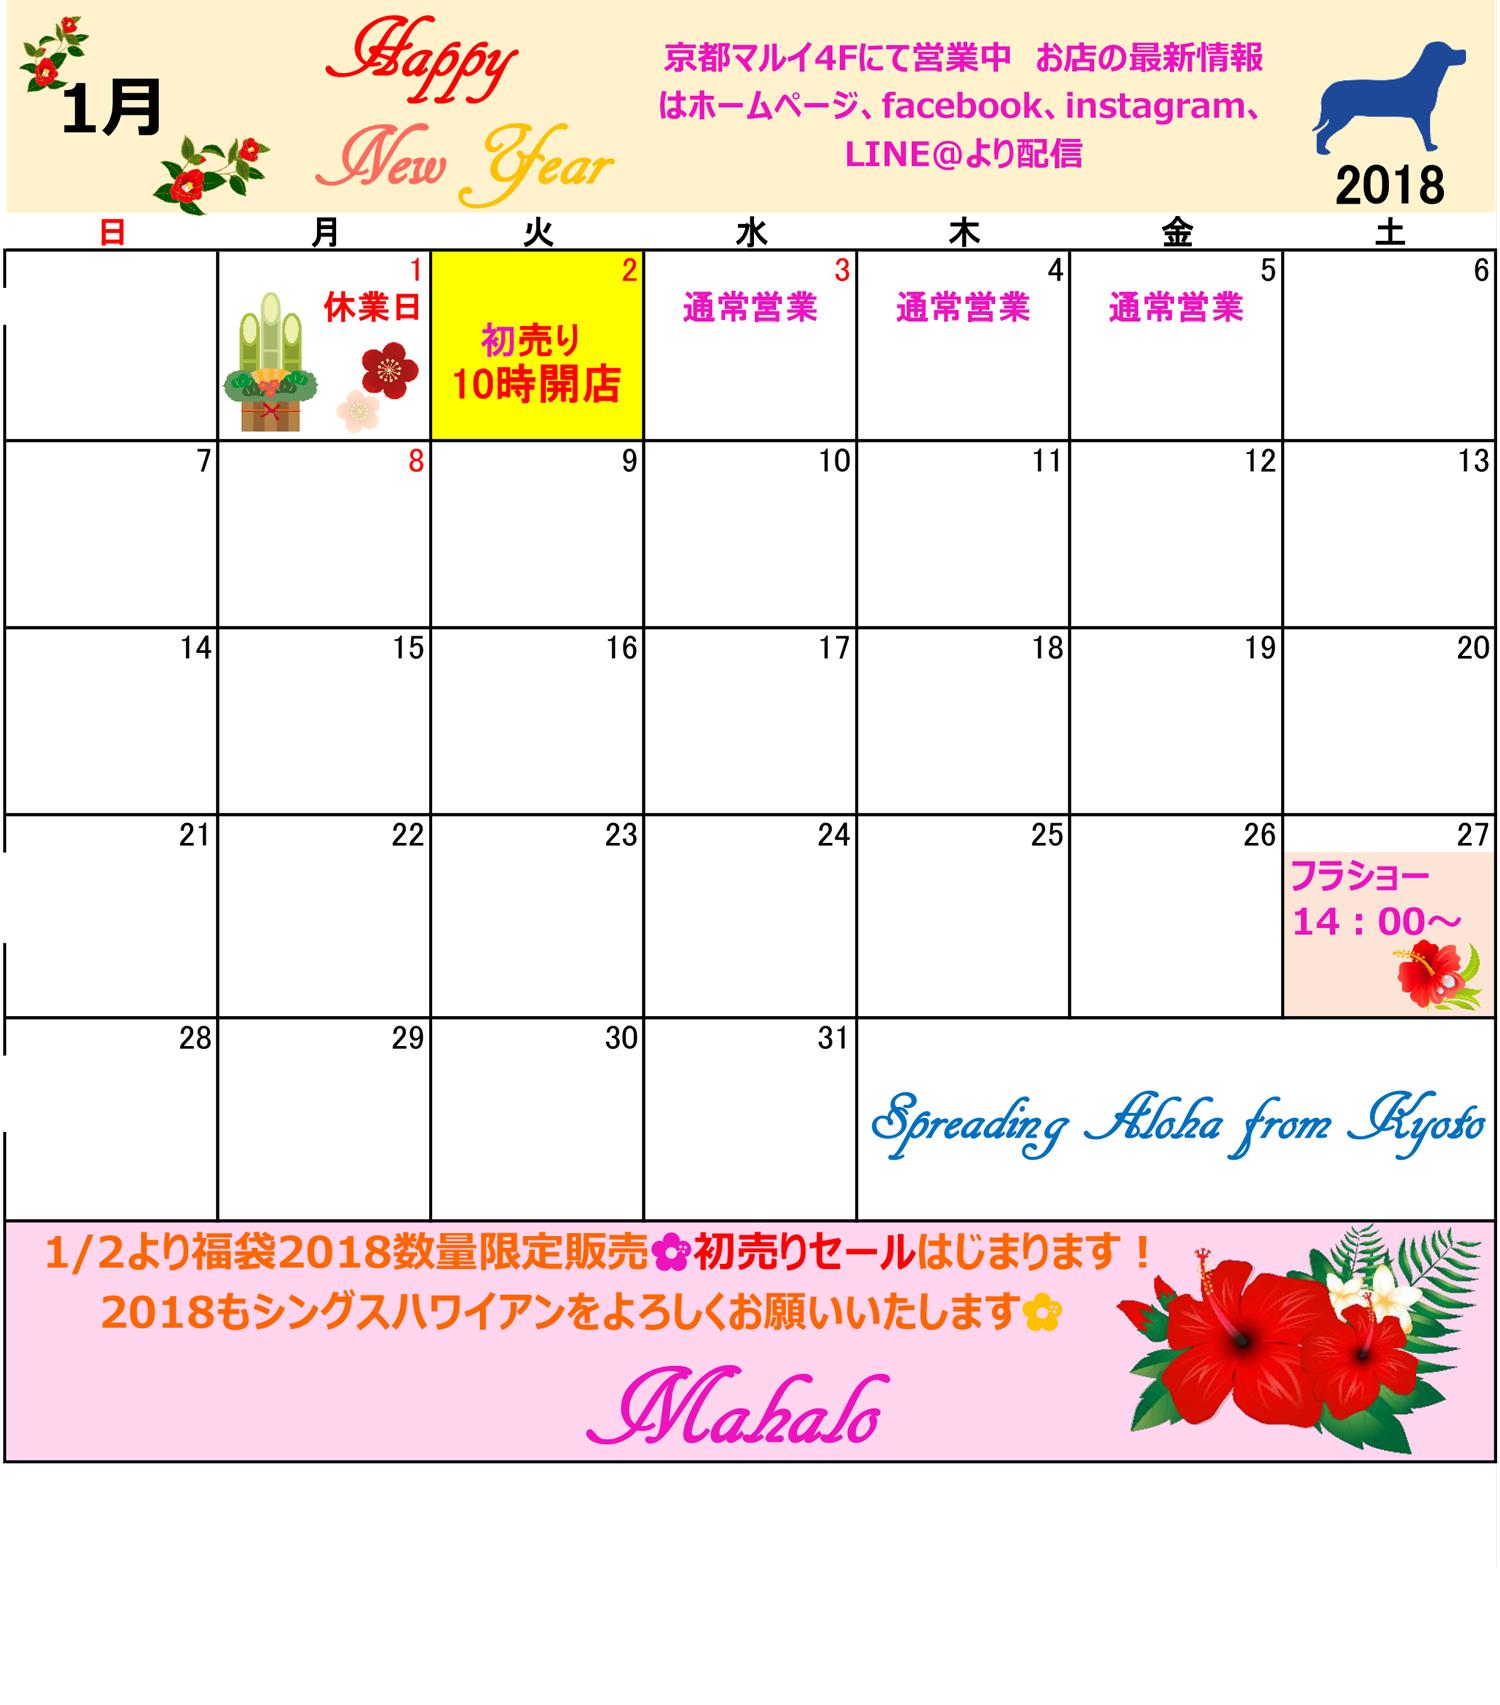 2018年12月 営業カレンダーLINE@で最新情報配信中アーカイブお店の最新情報をLINE@配信中!ACCESS